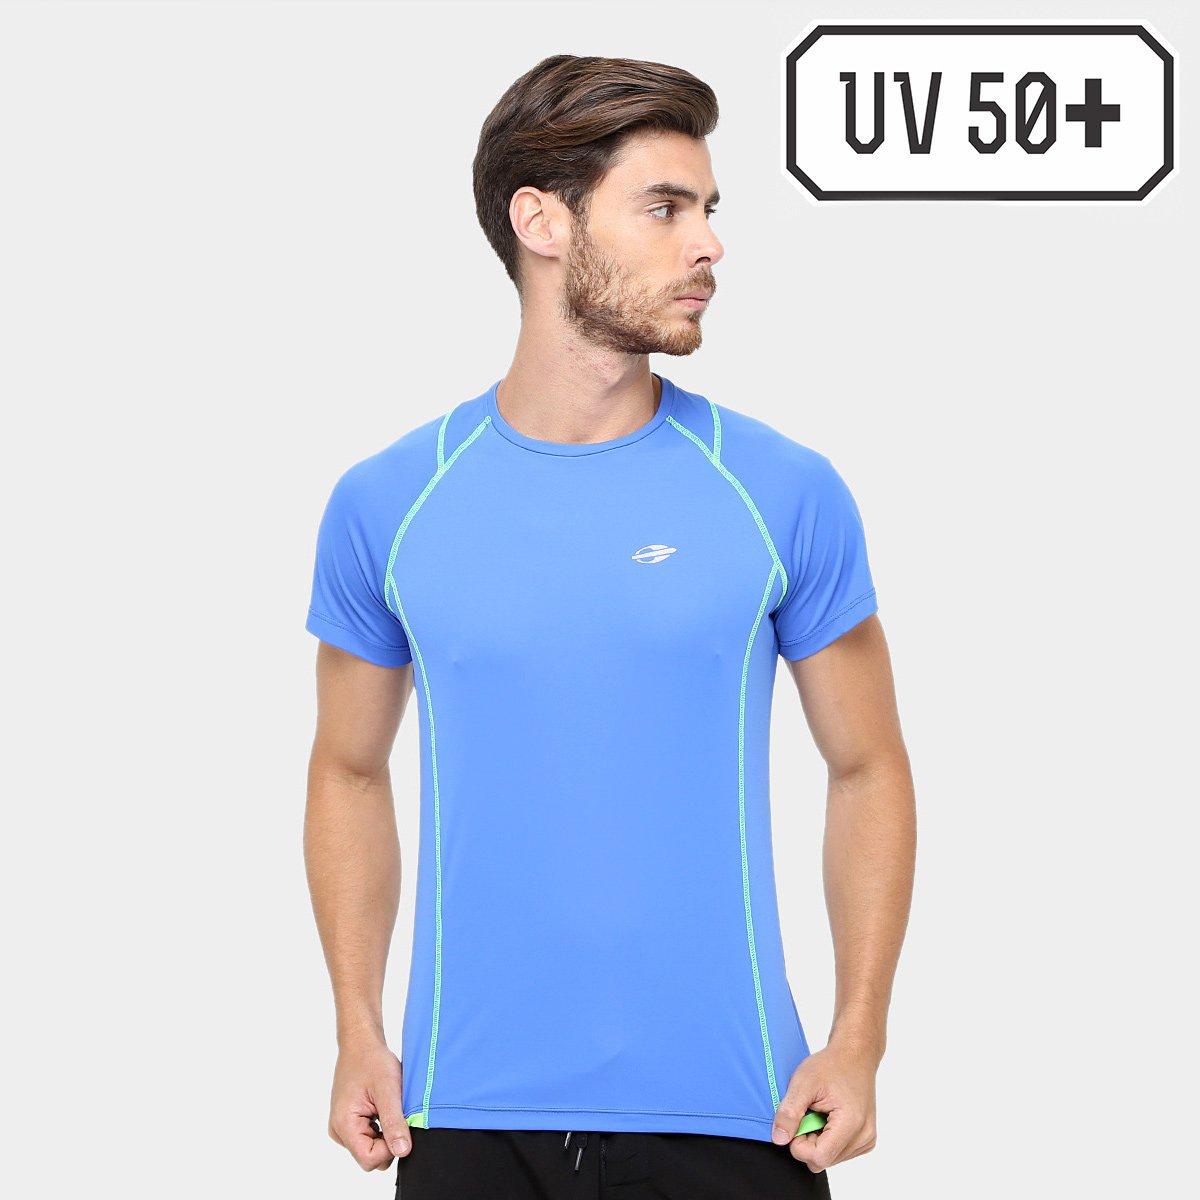 5ab4254a9a0a1 Camiseta Surf Mormaii Proteção UV 50+ Masculina - Compre Agora ...